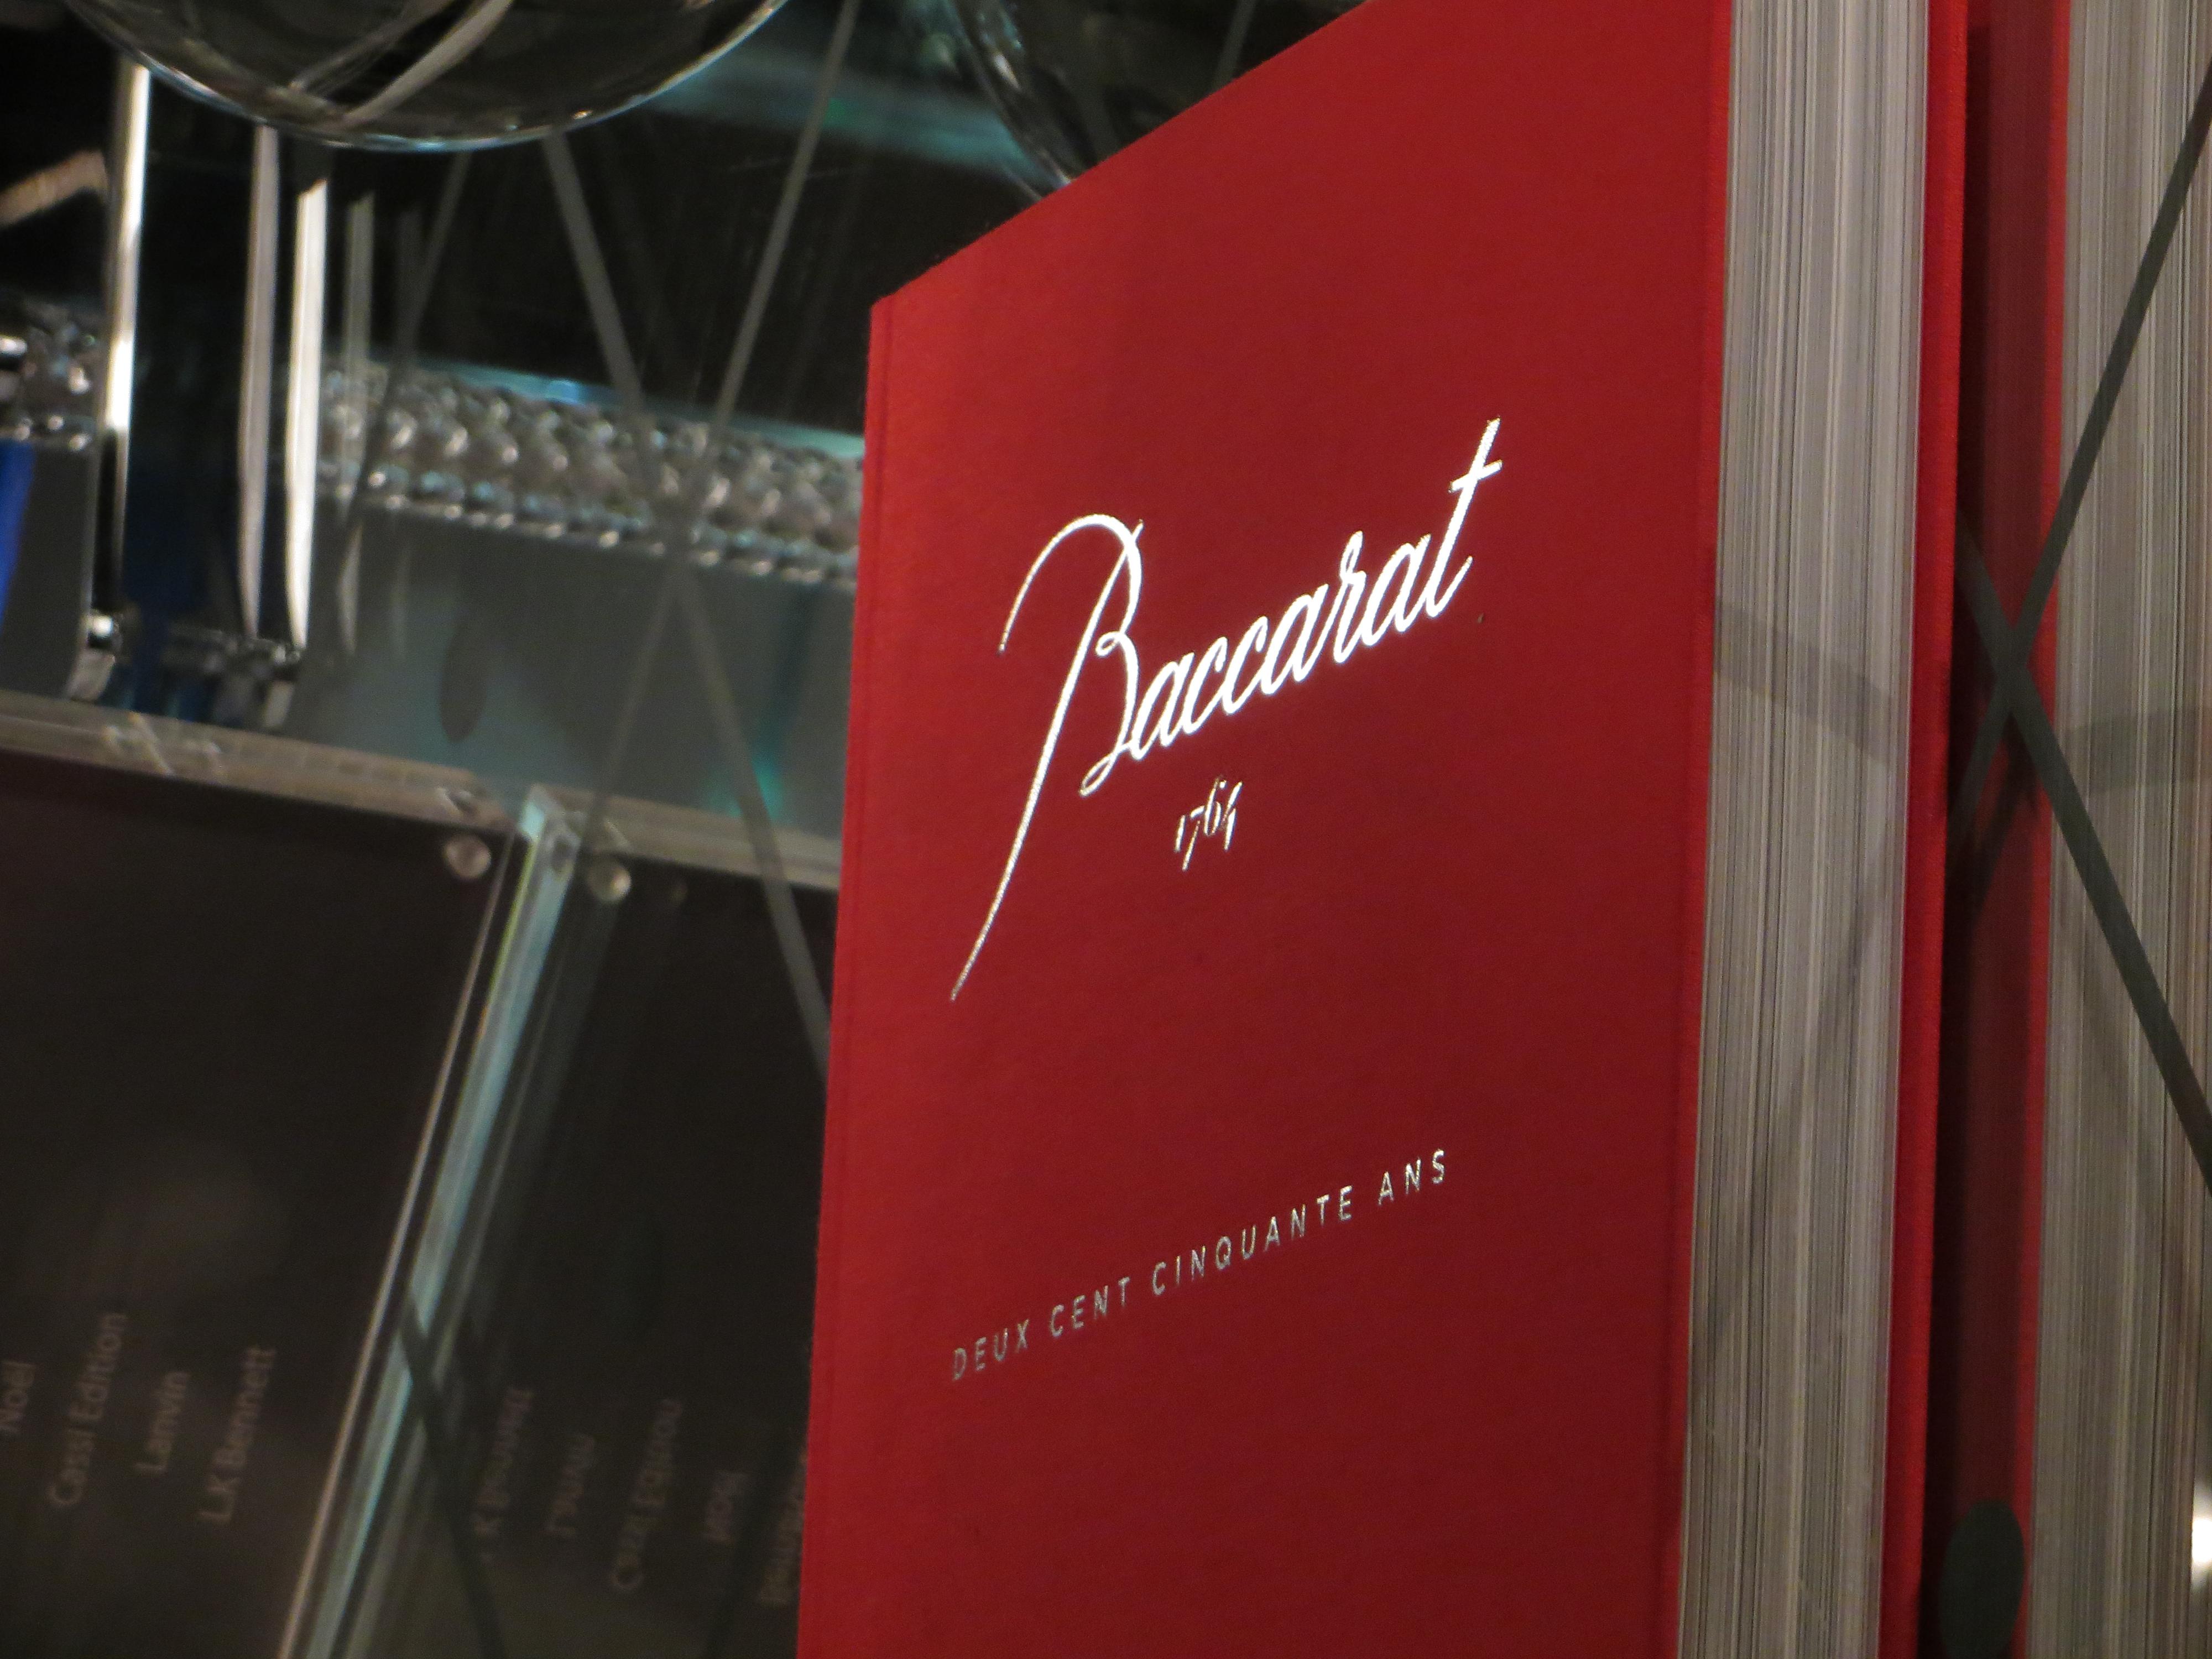 Baccarat 250 years anniversary